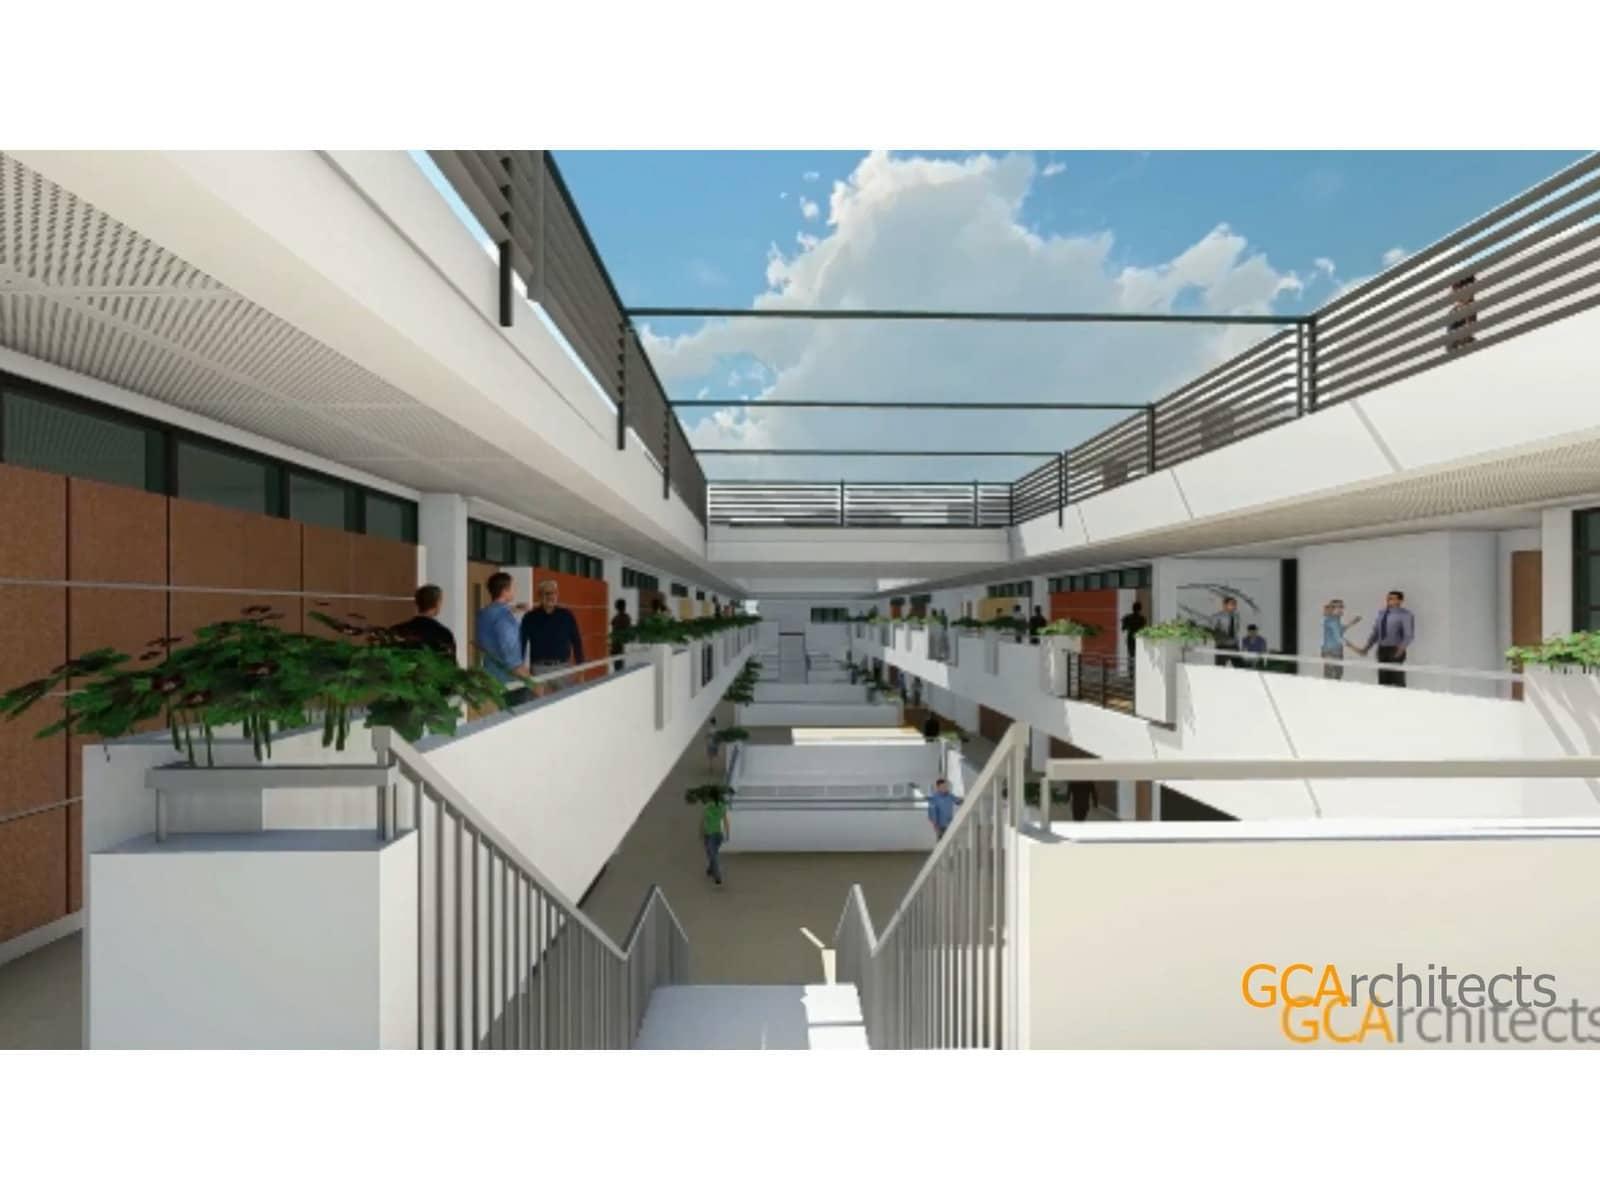 proyecto-de-construccin-de-las-dos-nuevas-escuelas-de-bayside-y-westside-en-waterport-gibraltar_40689988205_o